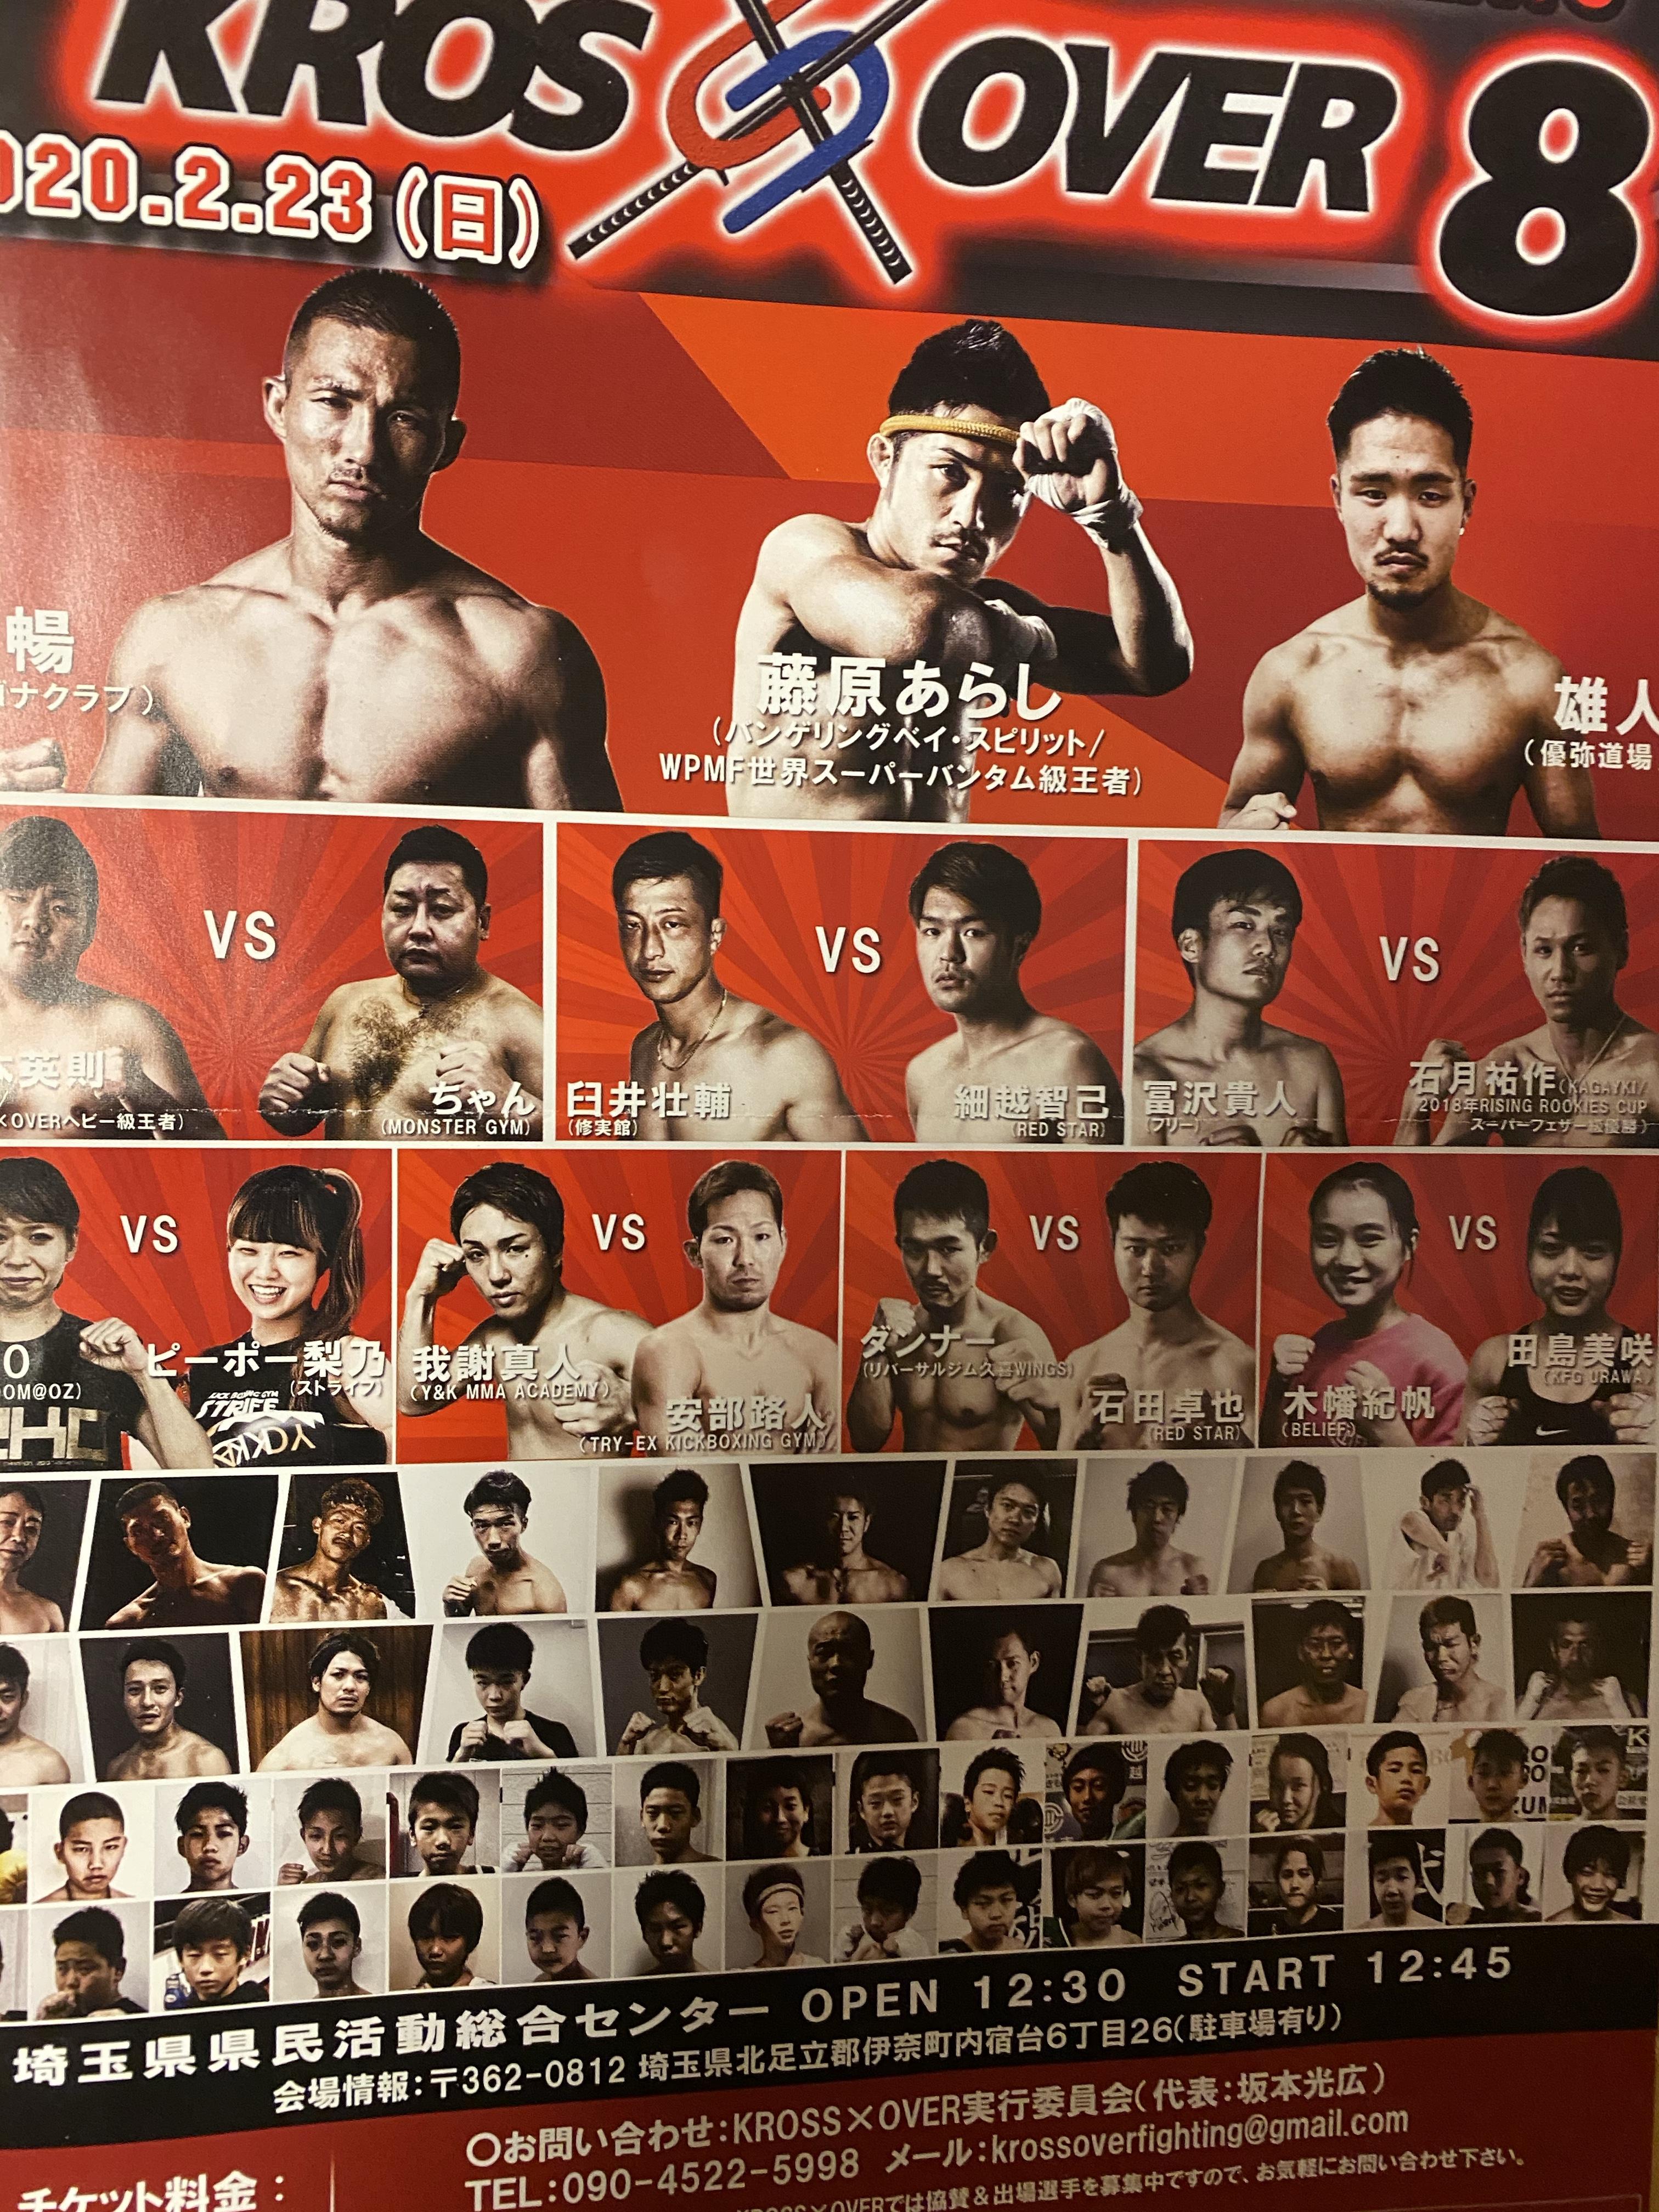 キックボクシング</strong>🥊<strong>